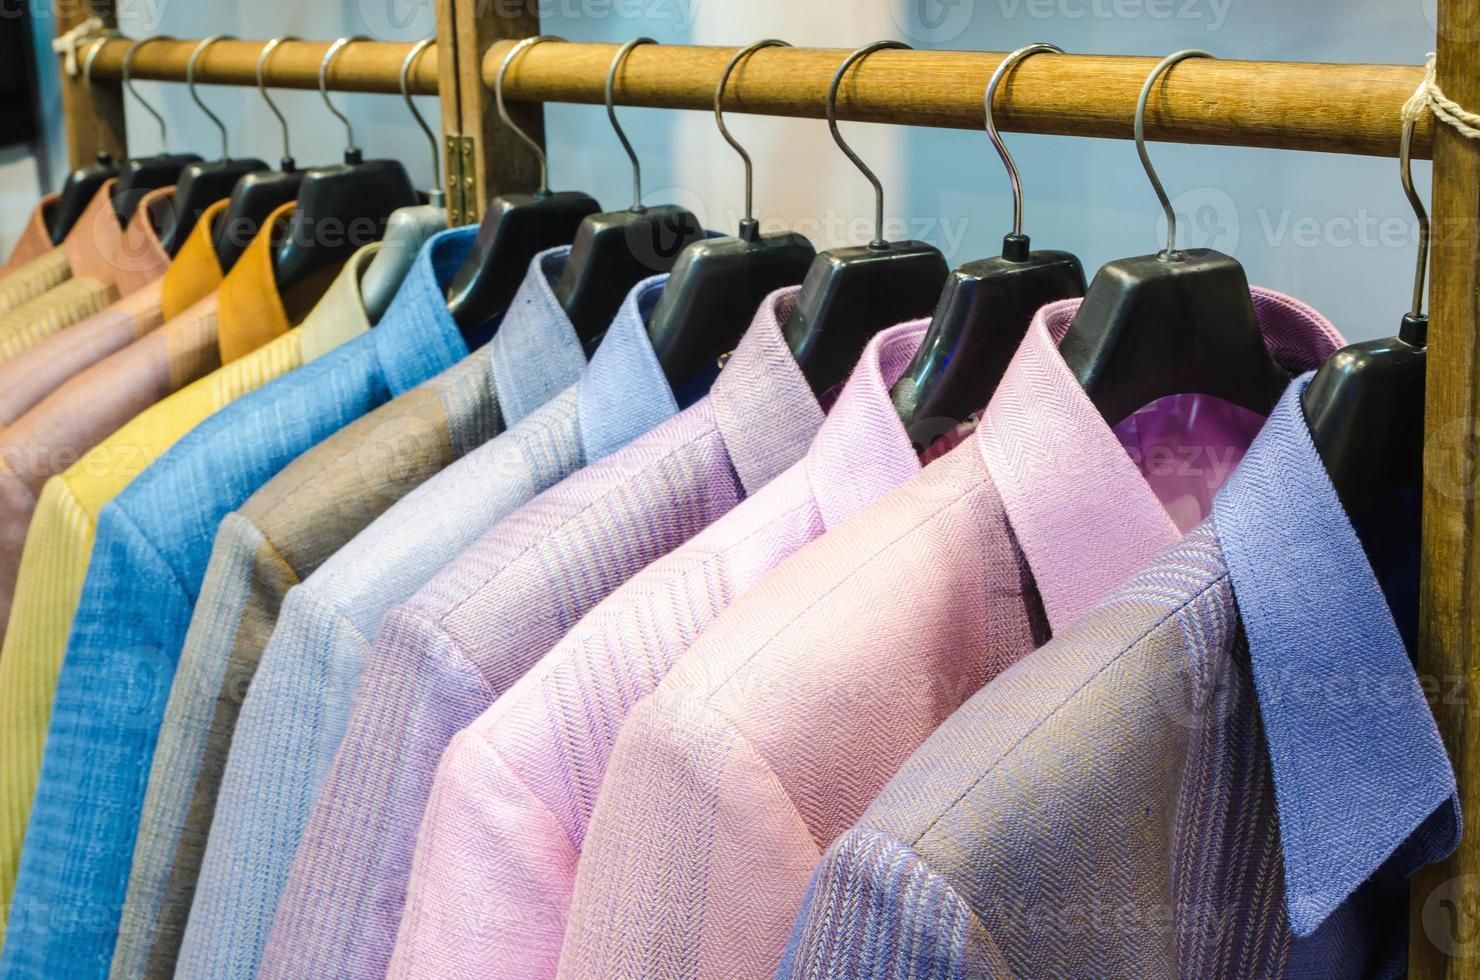 chemise en soie de Thaïlande accrochée à une corde à linge. photo